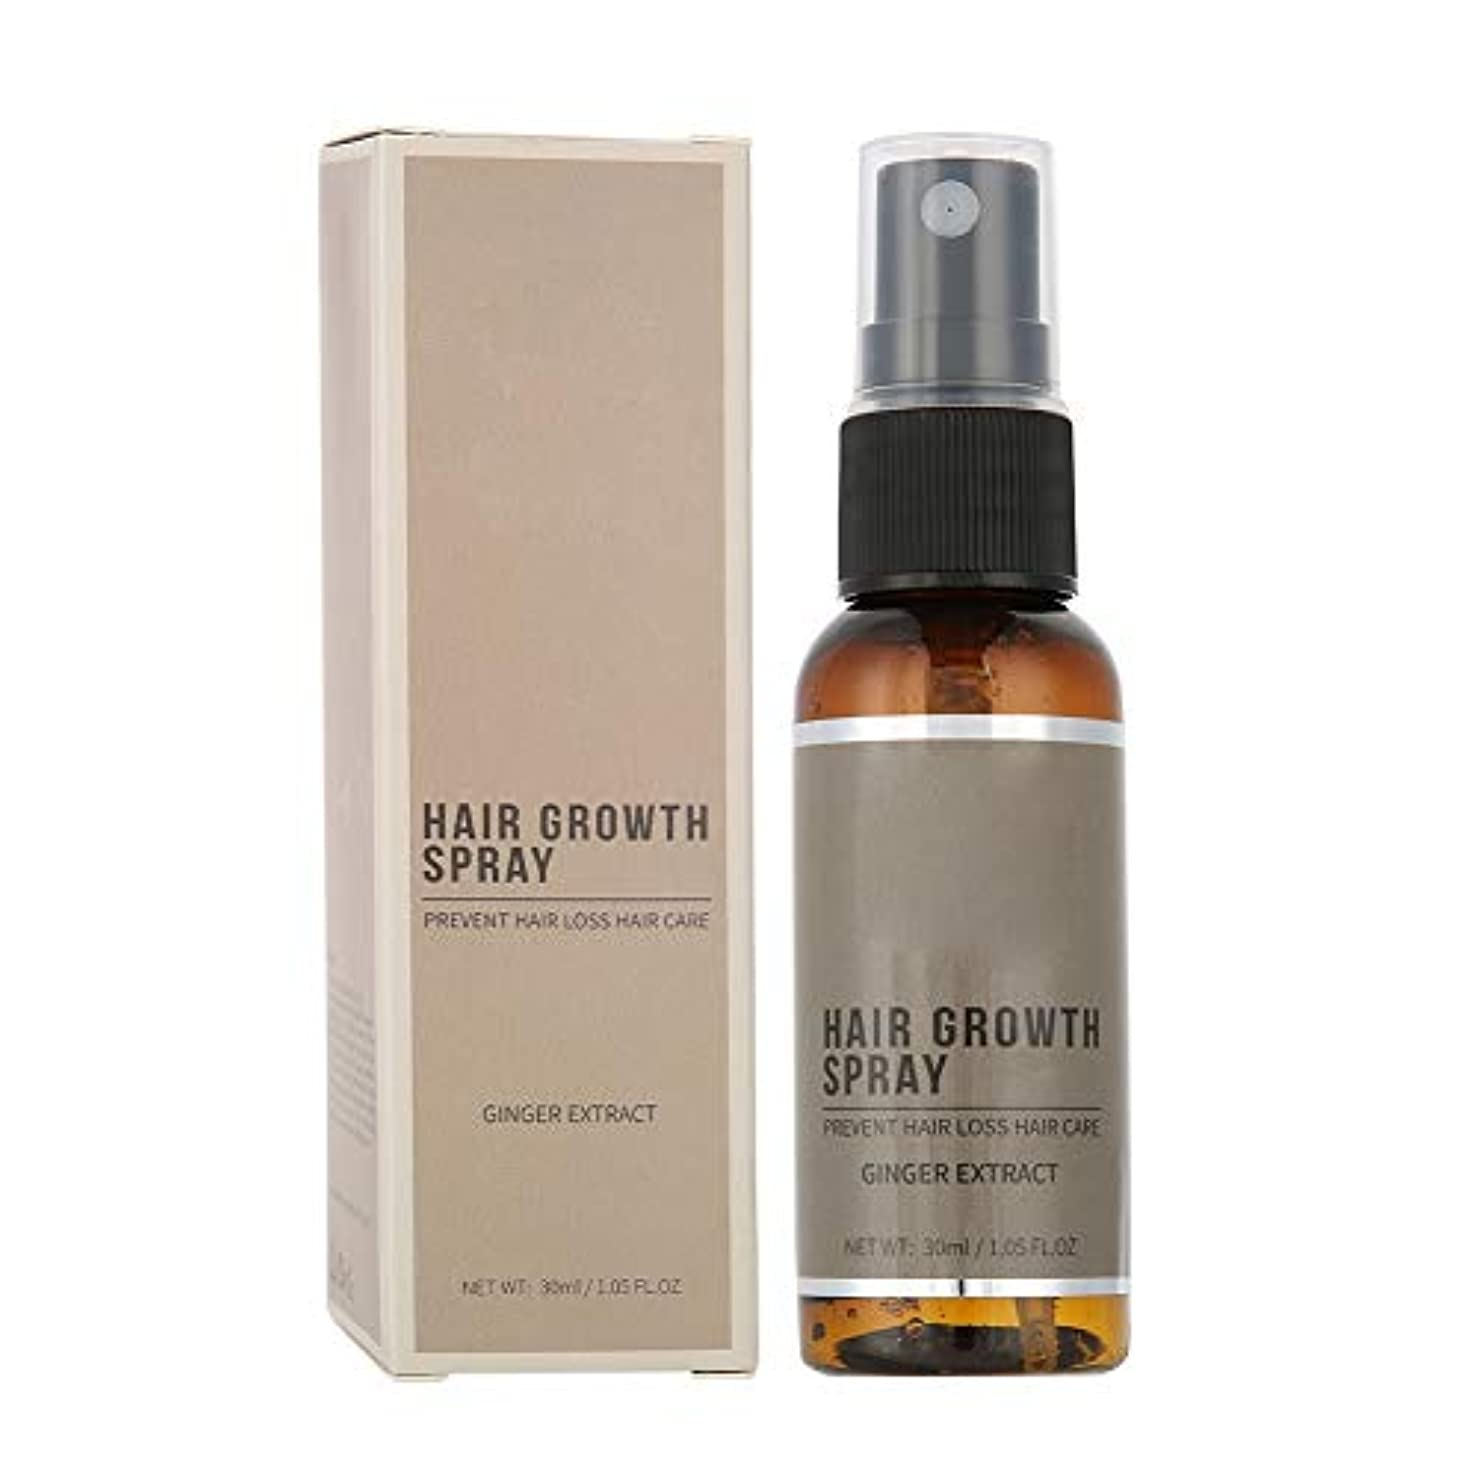 ヘアケアエッセンスオイル、ポータブルエッセンシャルオイルの小瓶人参は、パーソナルヘアケアのために頭皮の毛を養います